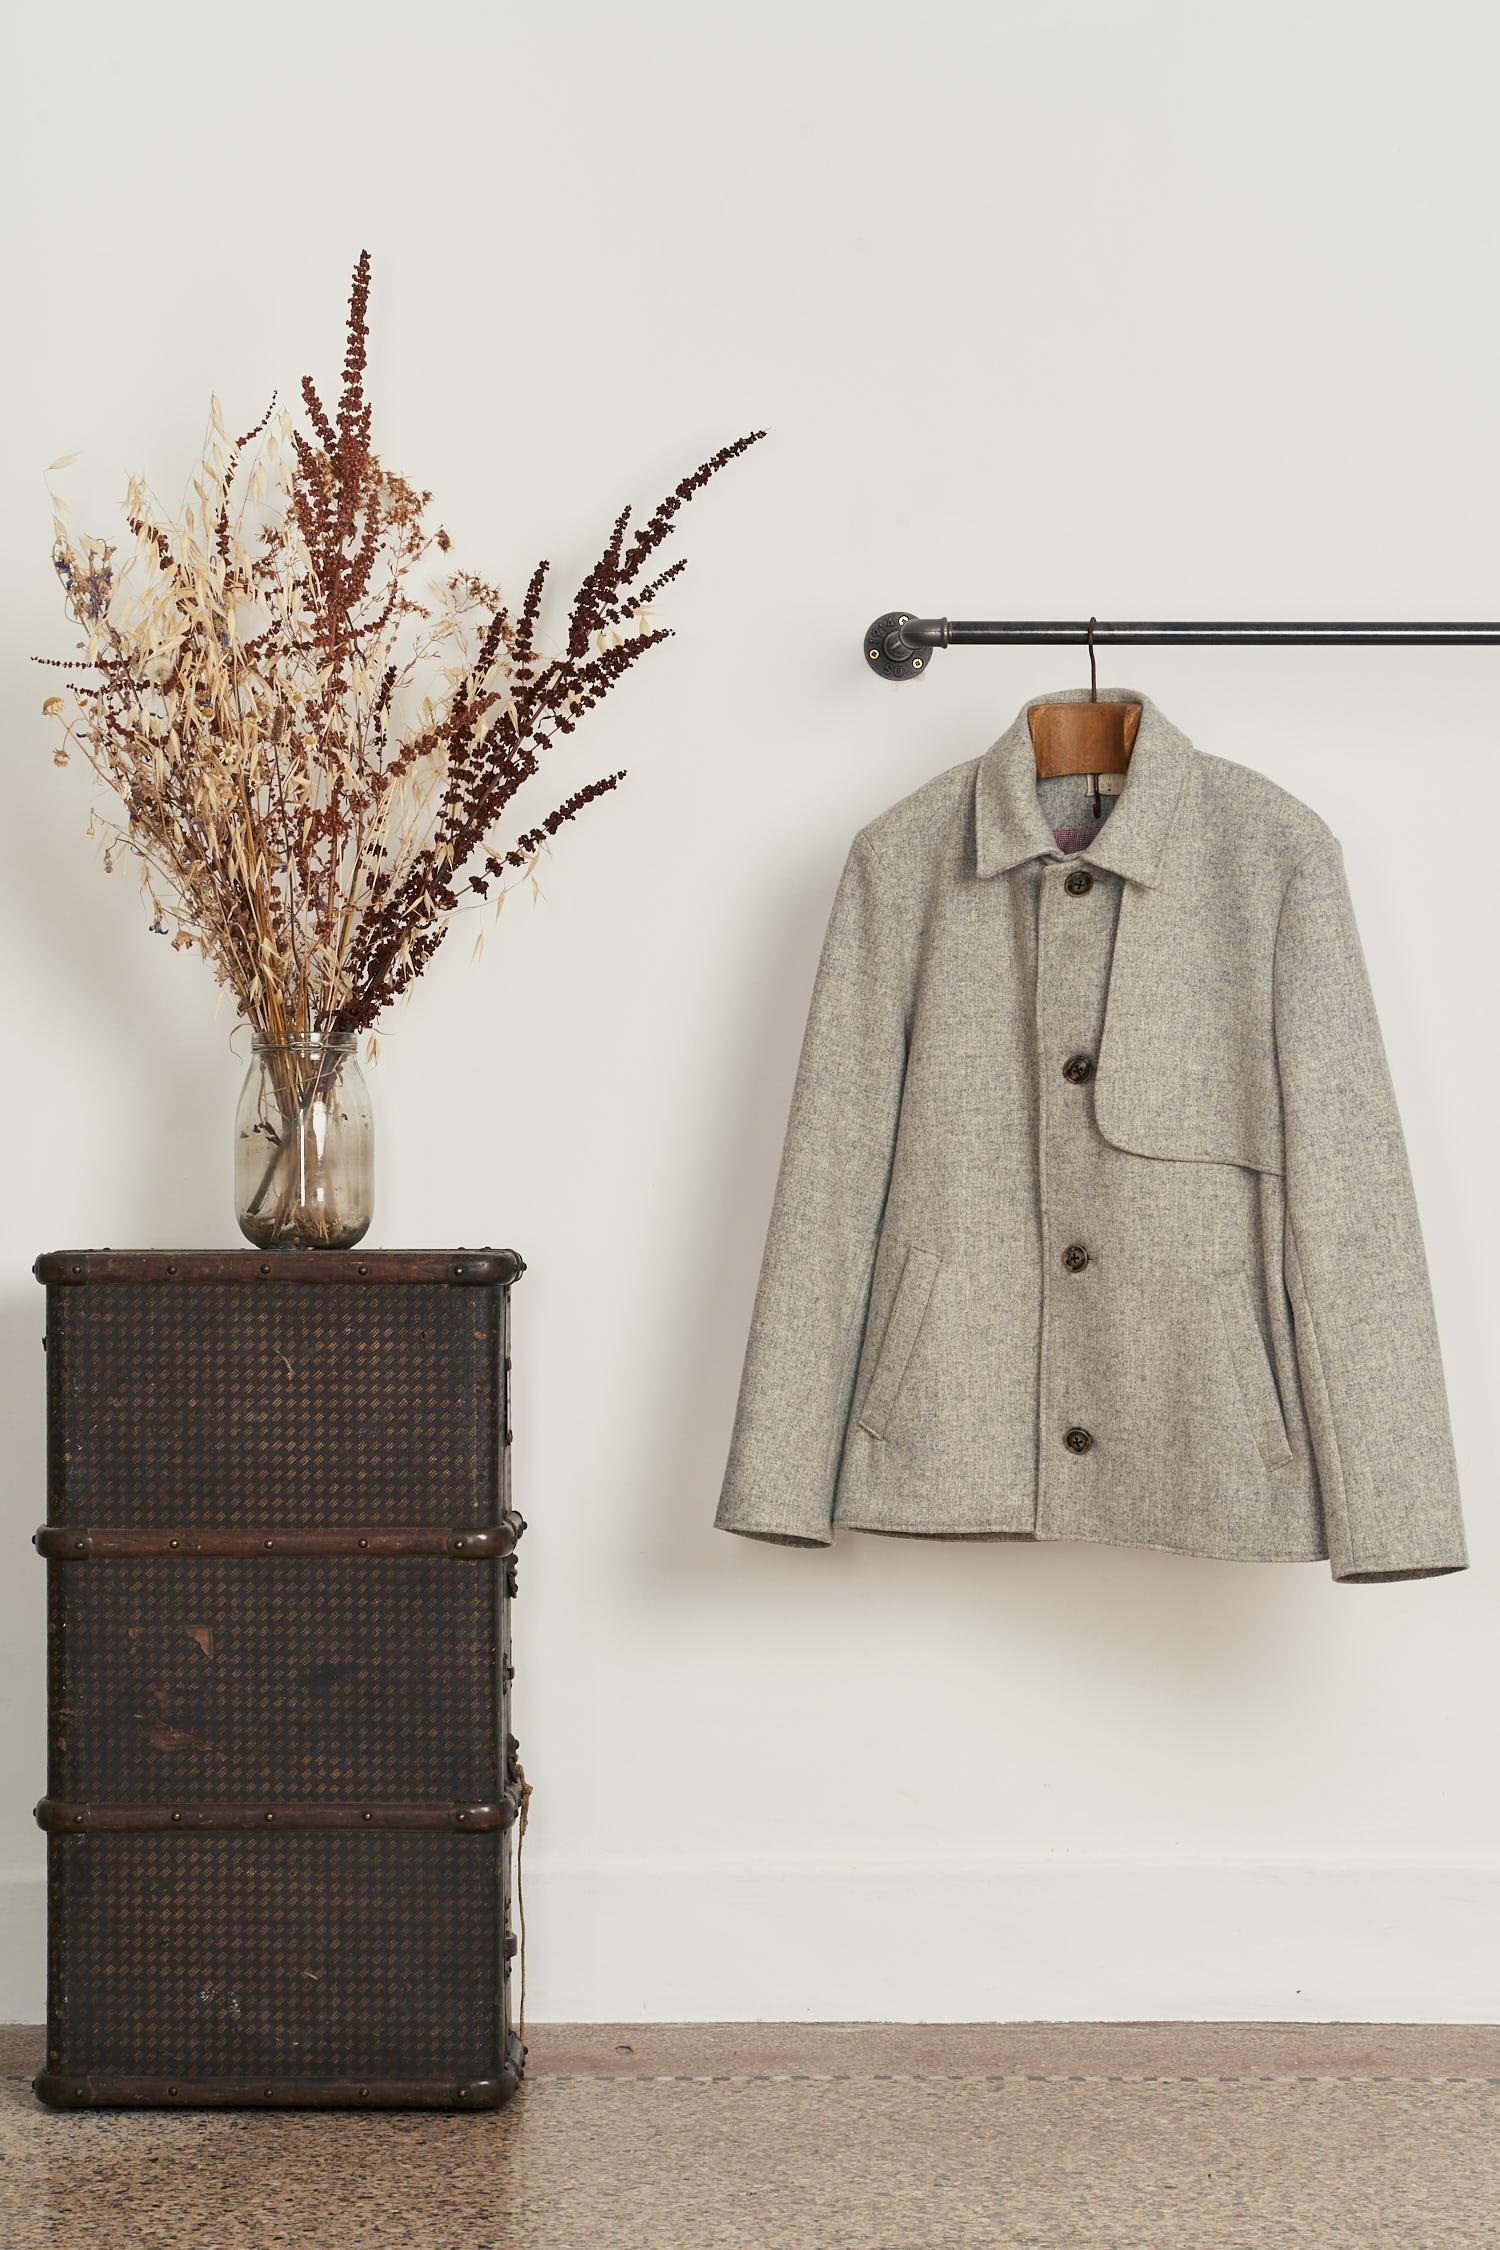 manteau court gris pour homme made in France en laines tissées en France